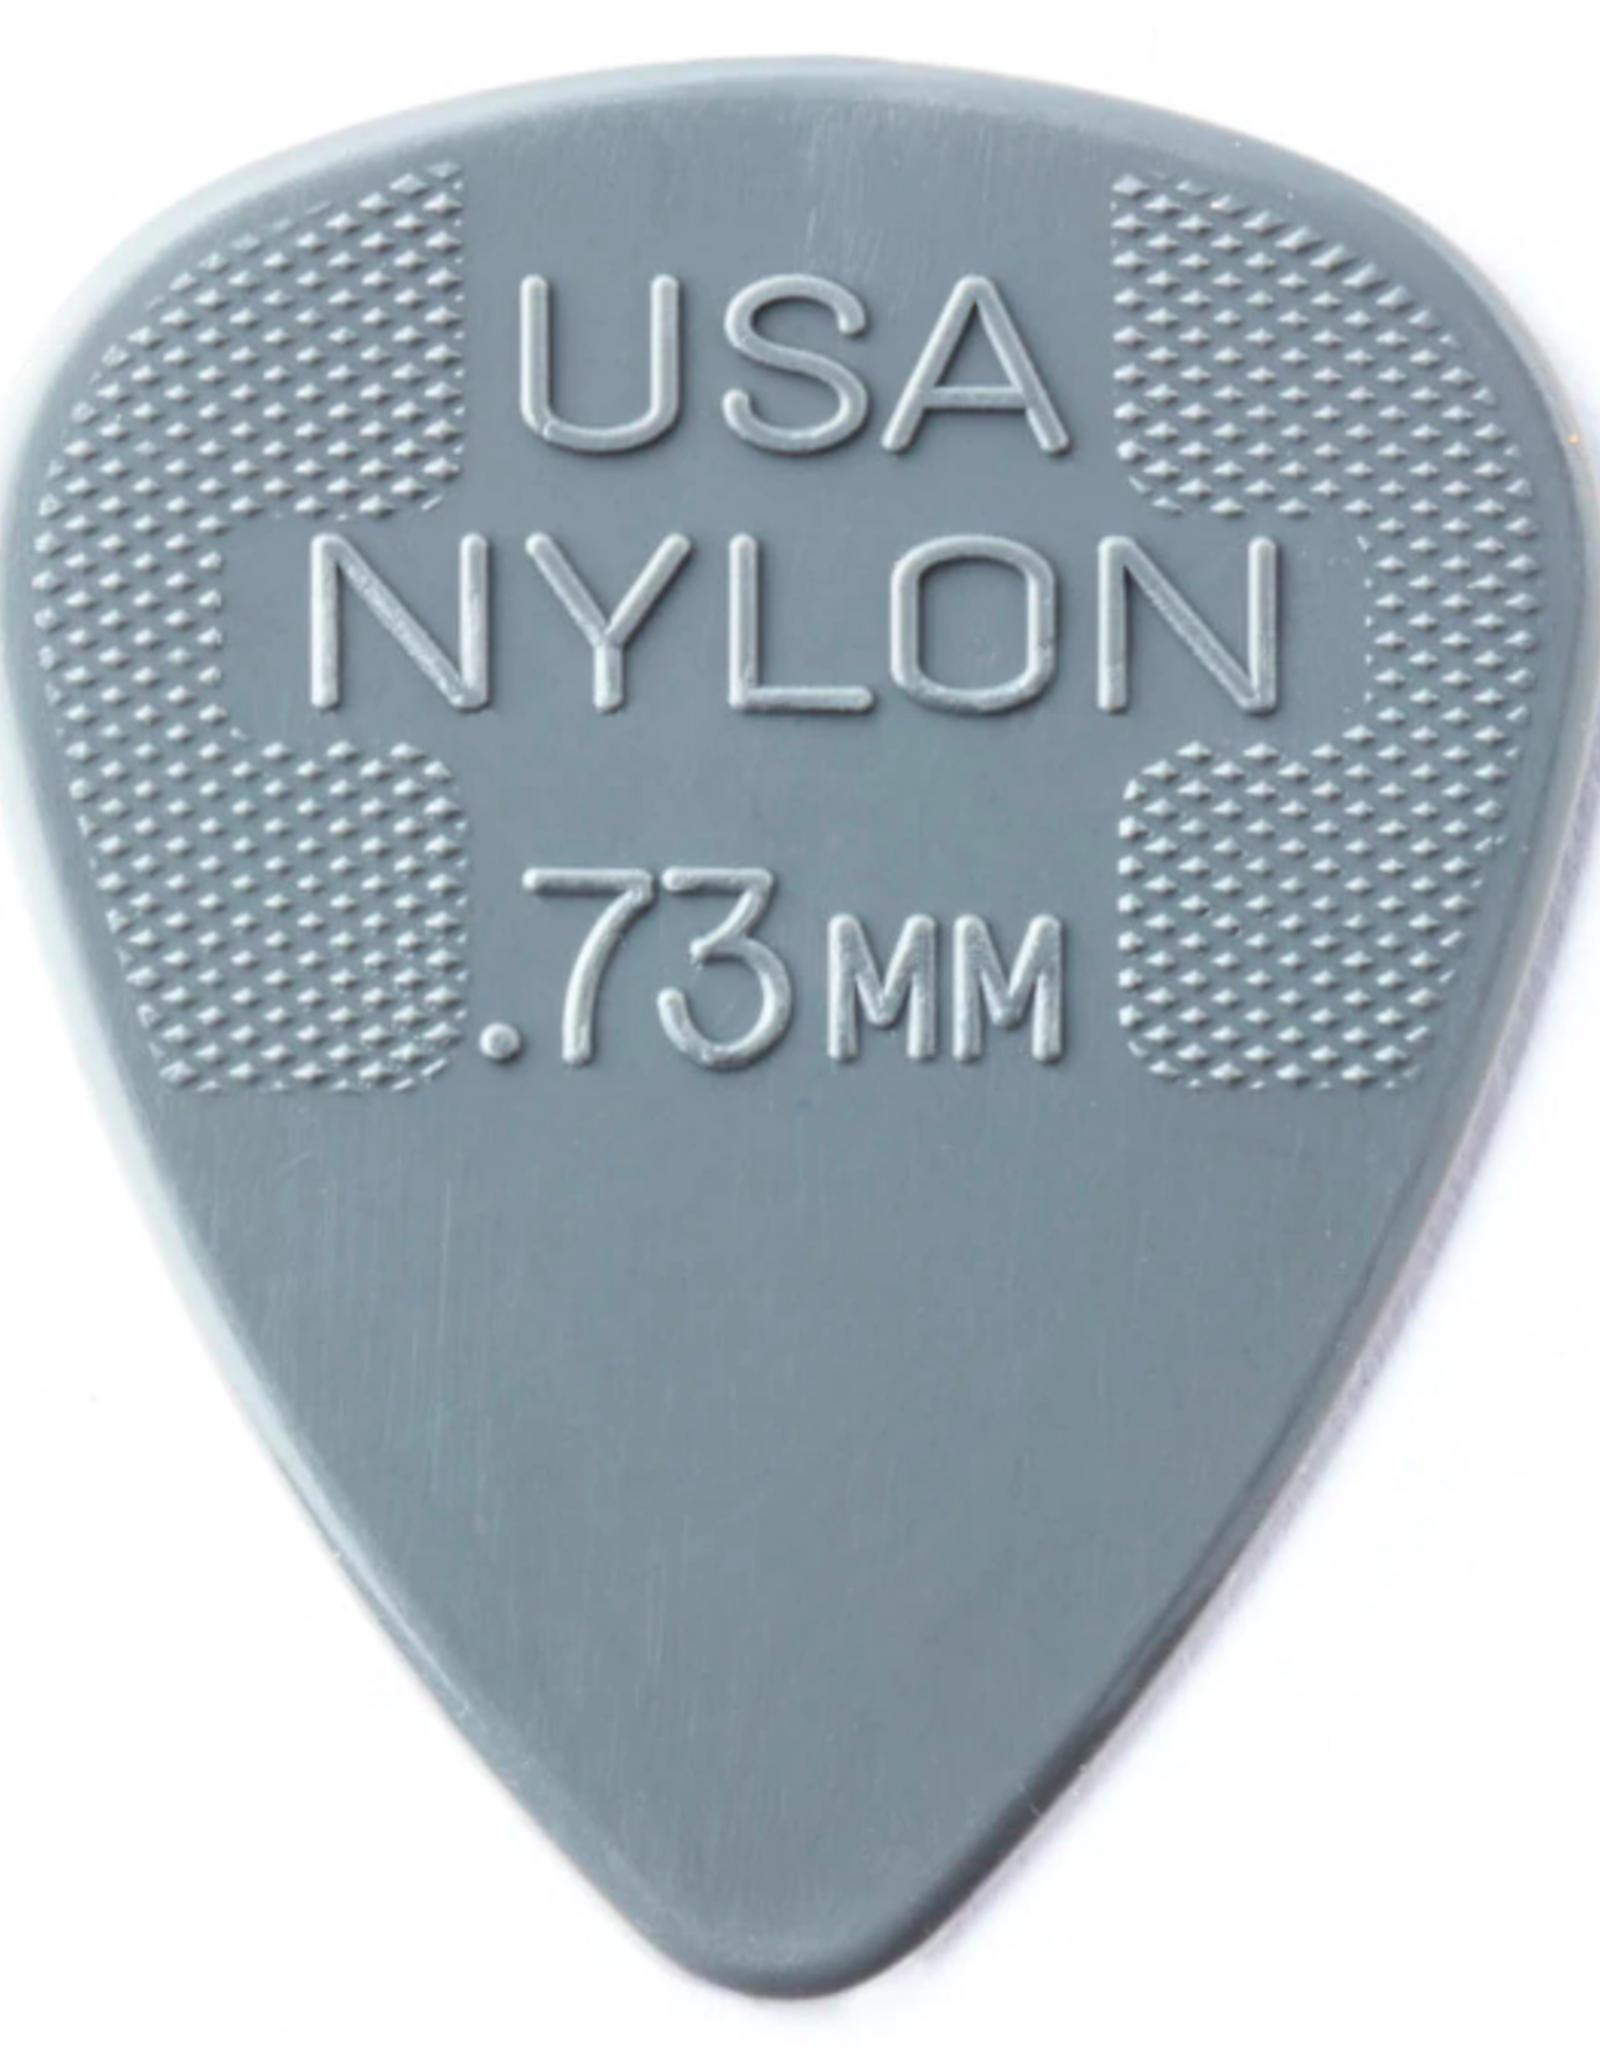 Dunlop Dunlop Nylon Standard 73mm Player Pack